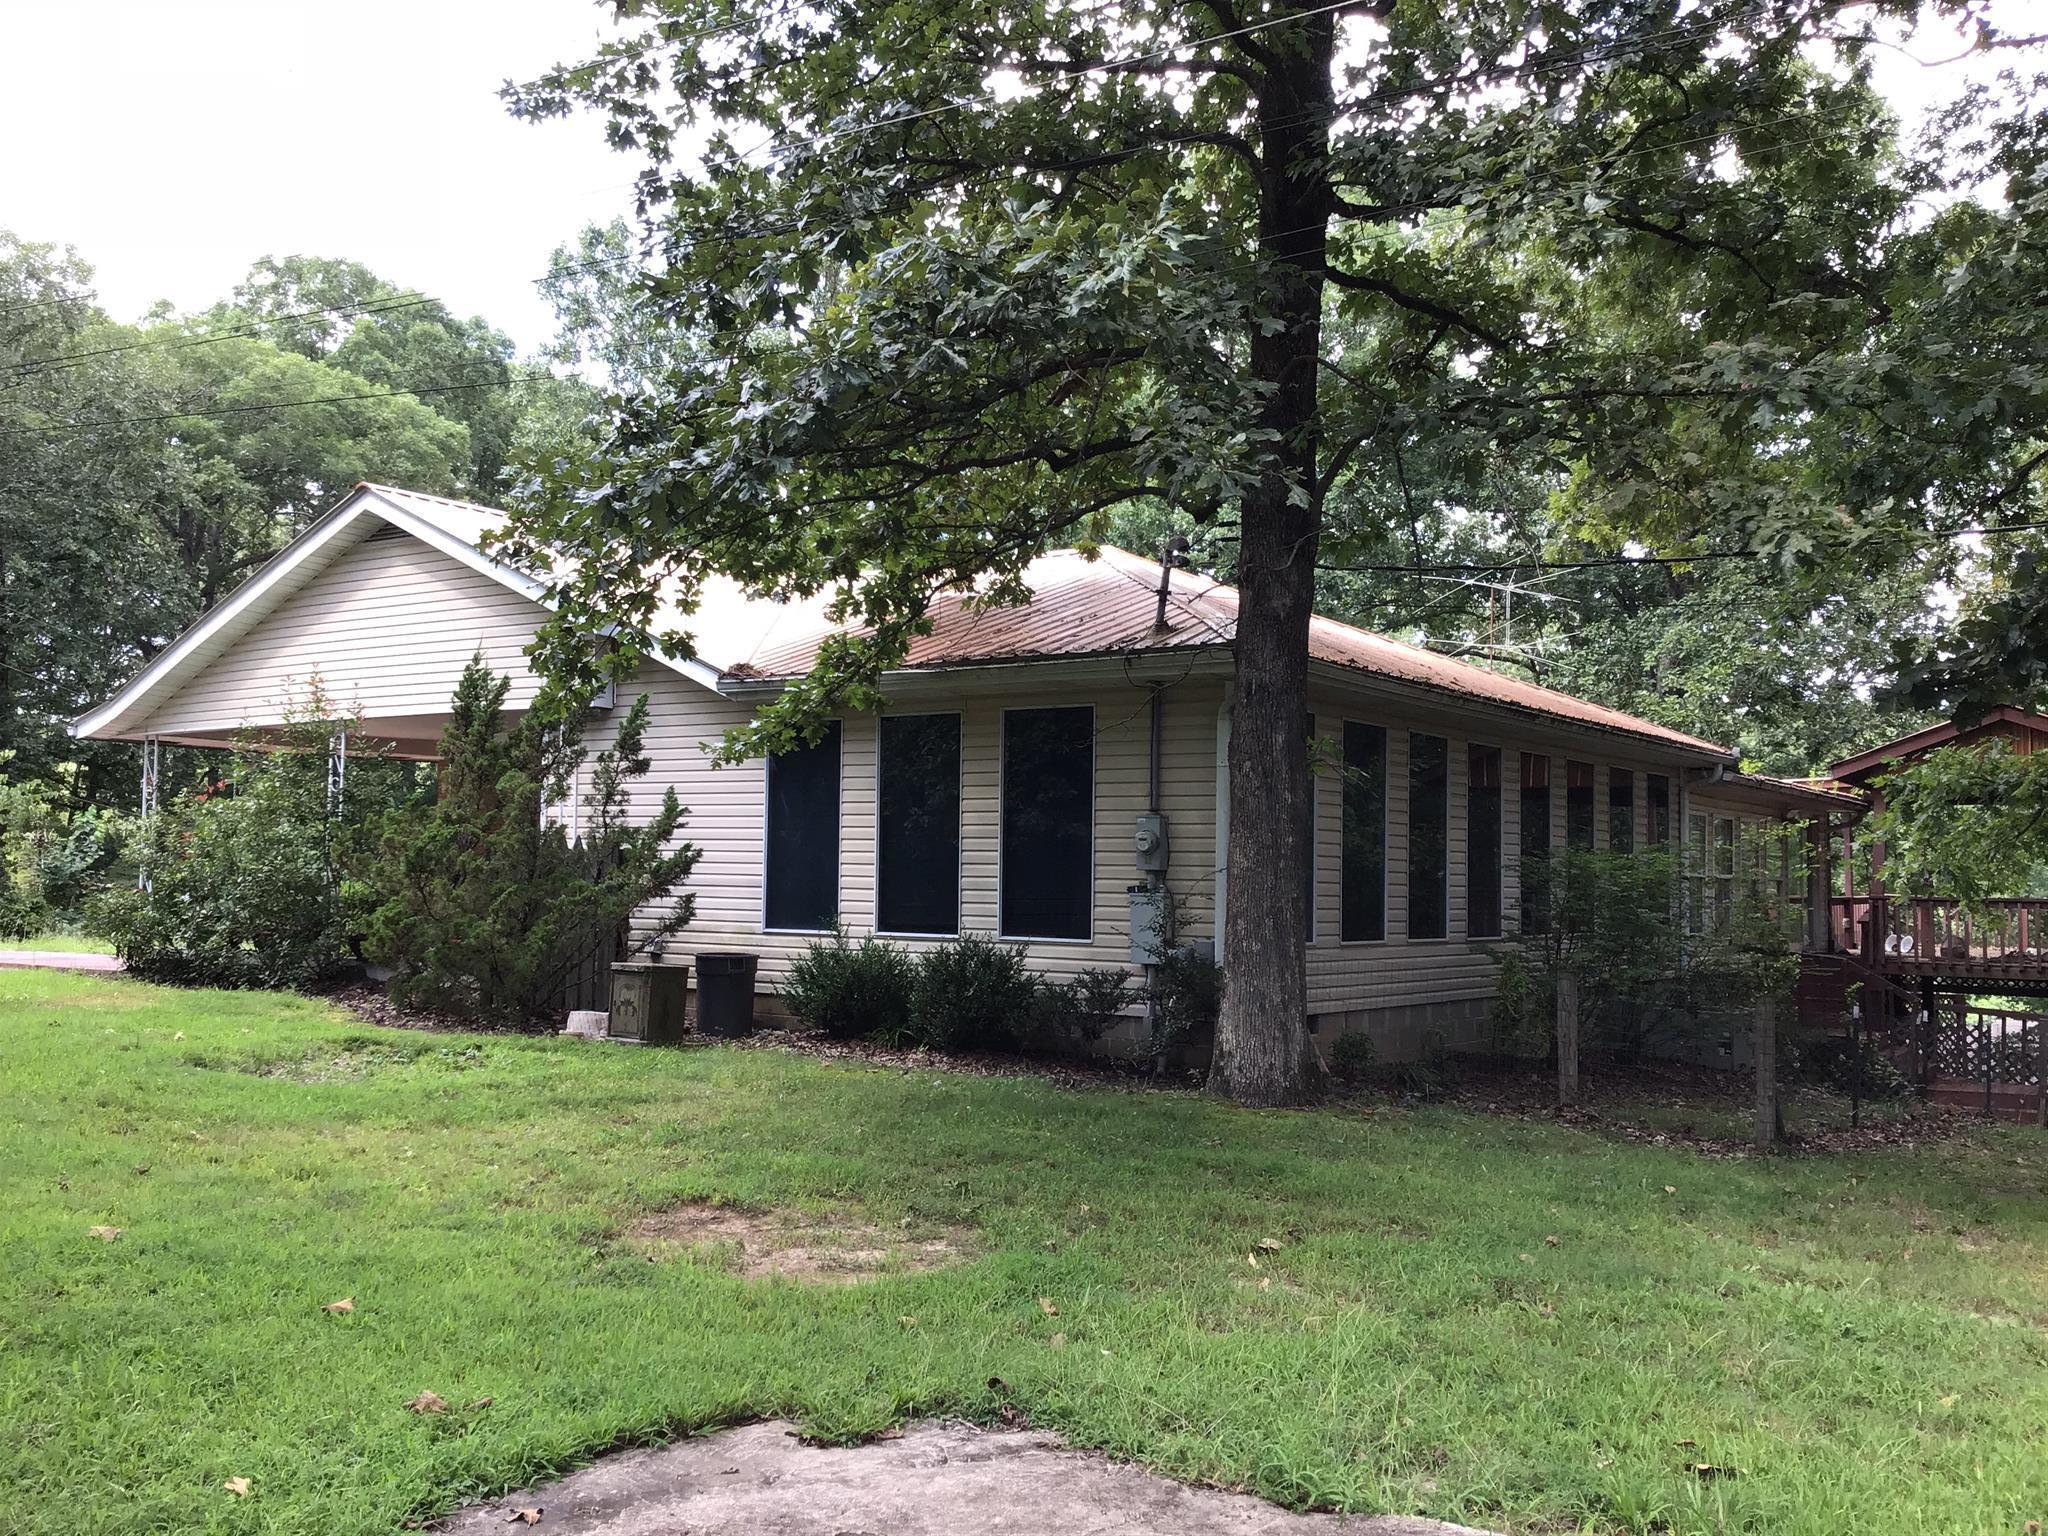 110 Hillview Dr, Linden, TN 37096 - Linden, TN real estate listing